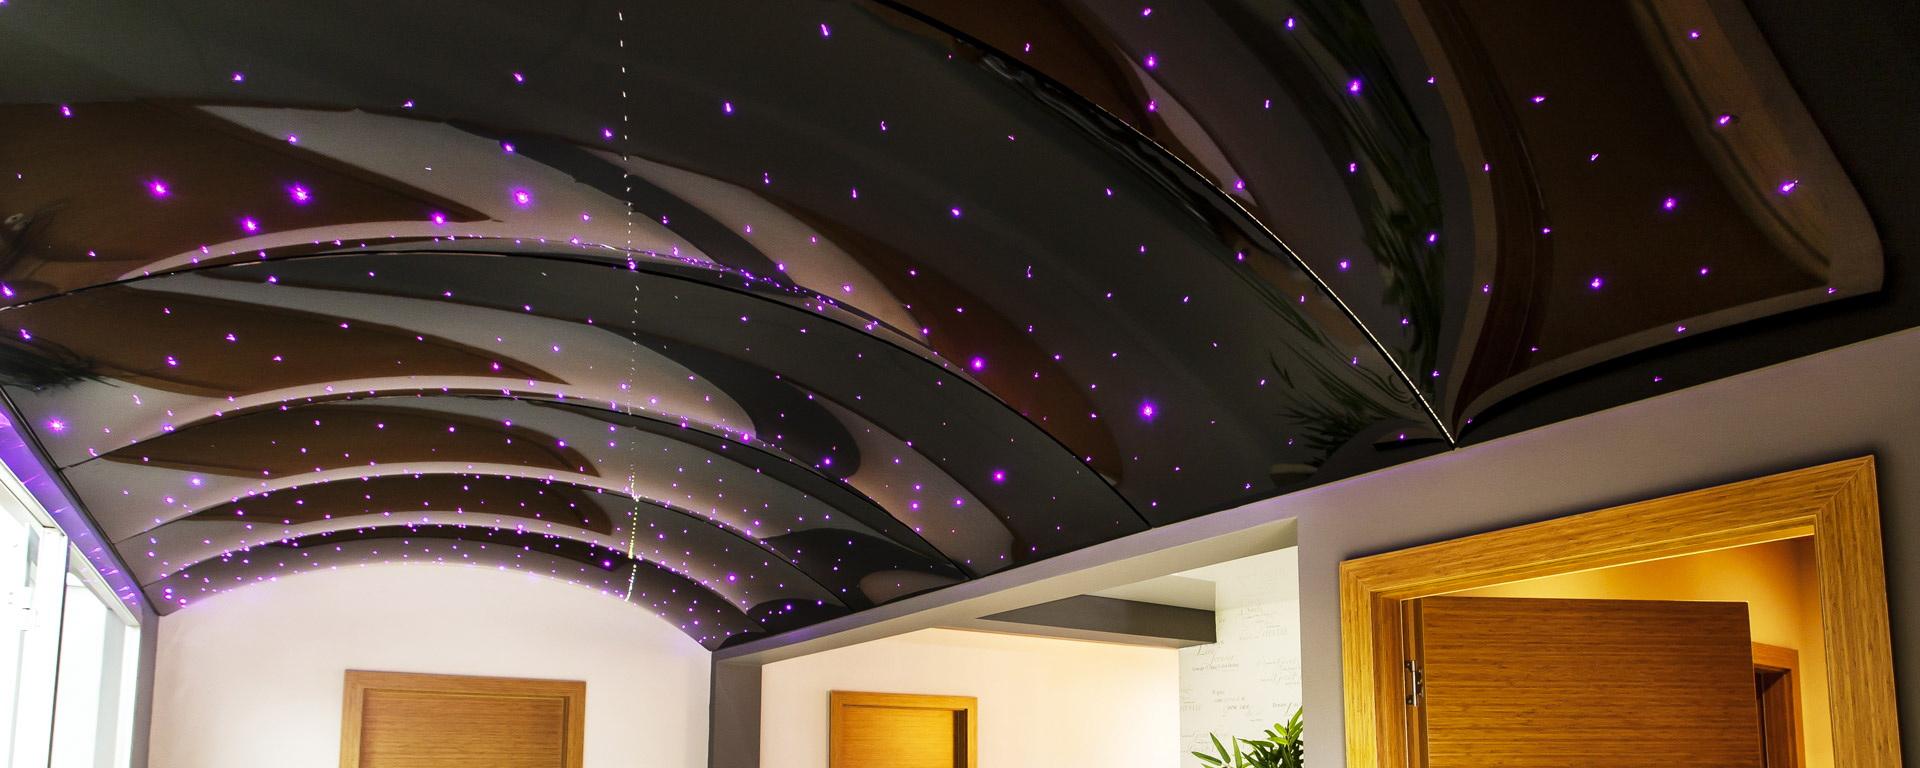 3d-потолок с точечными светильниками